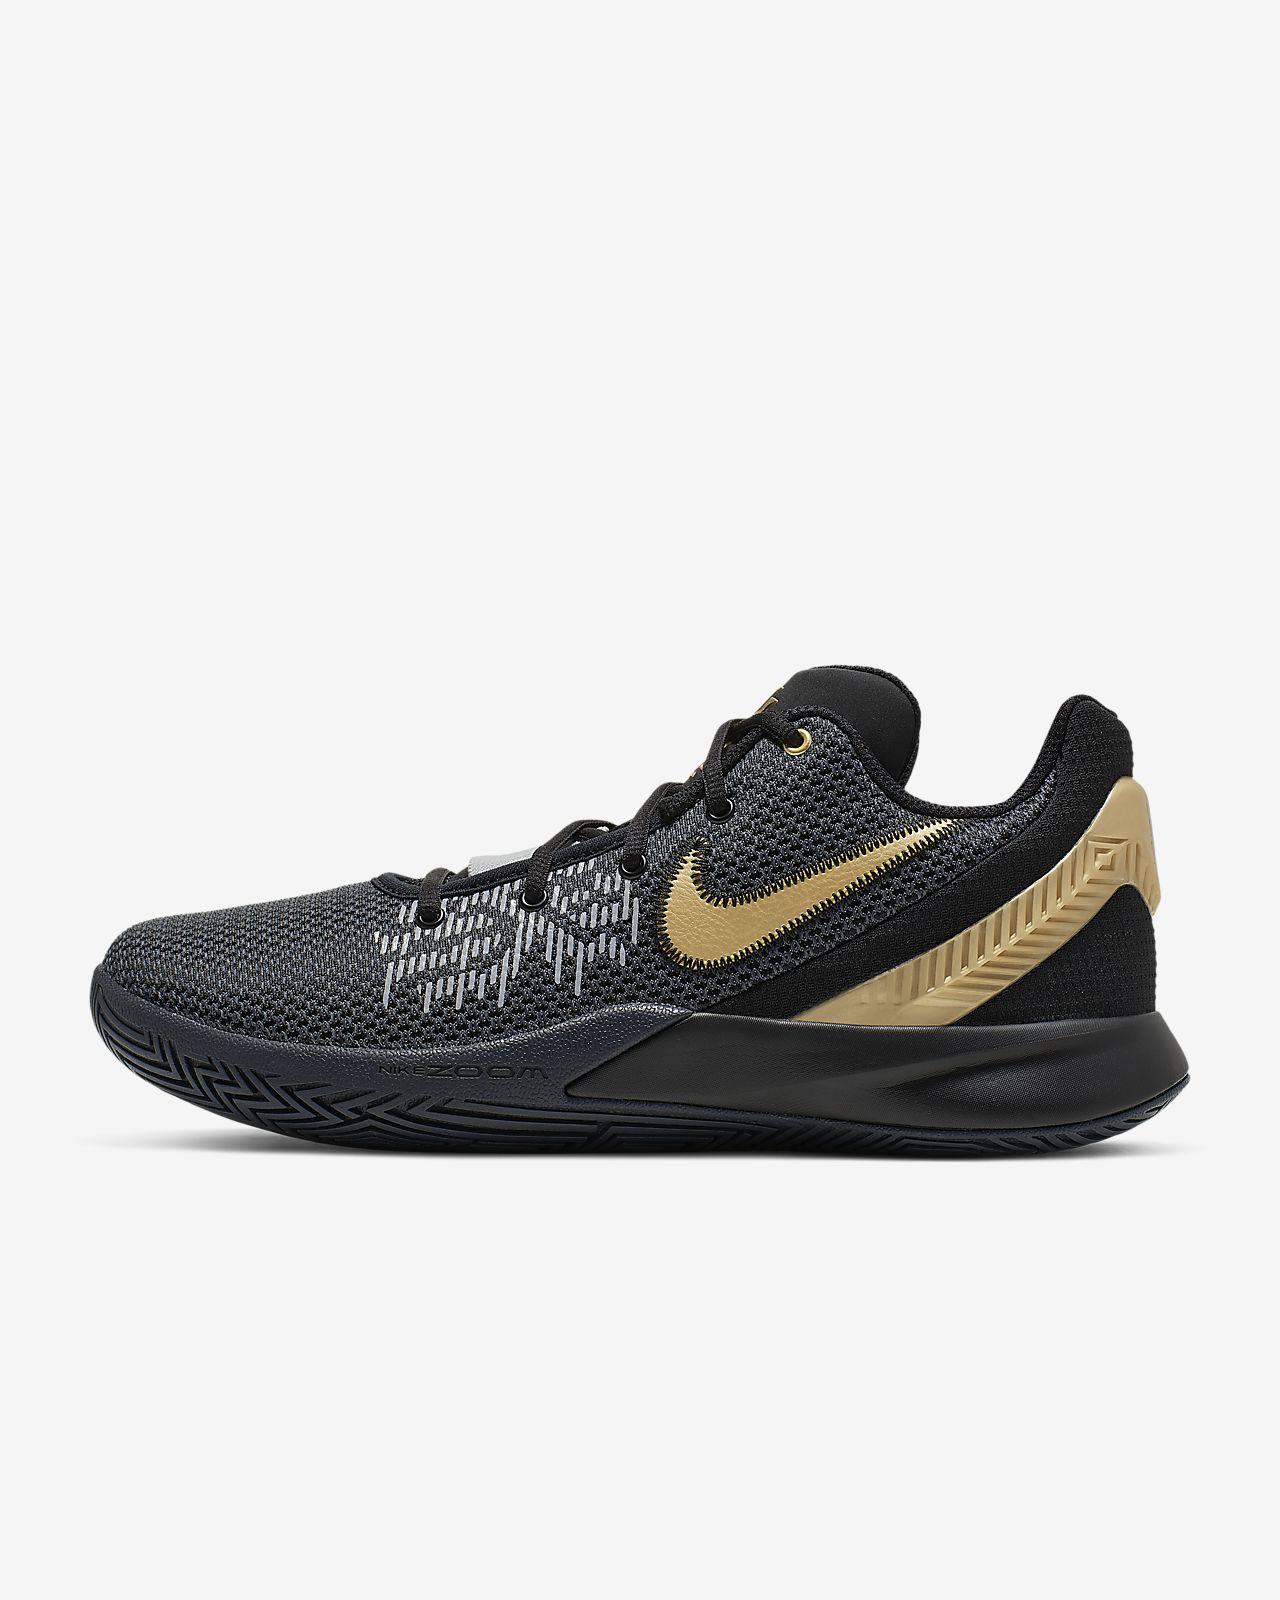 Nike Kyrie Flytrap, Zapatos de Baloncesto para Hombre